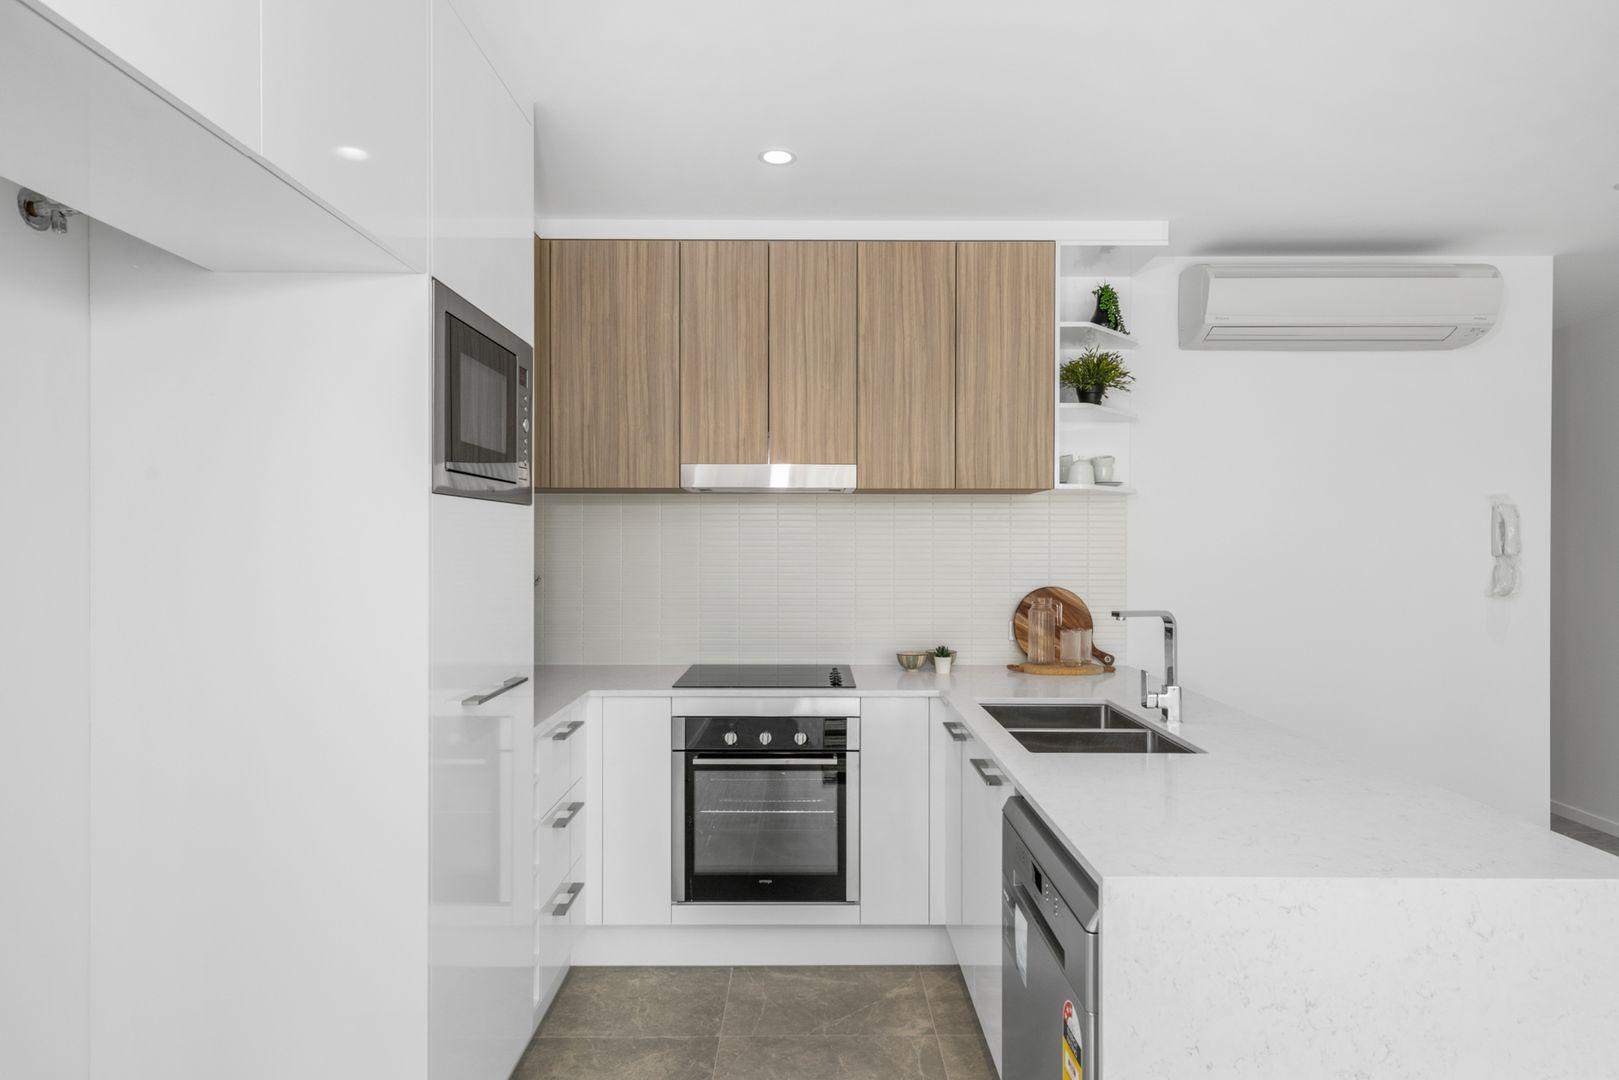 7/96 Kates Street, Morningside QLD 4170, Image 2